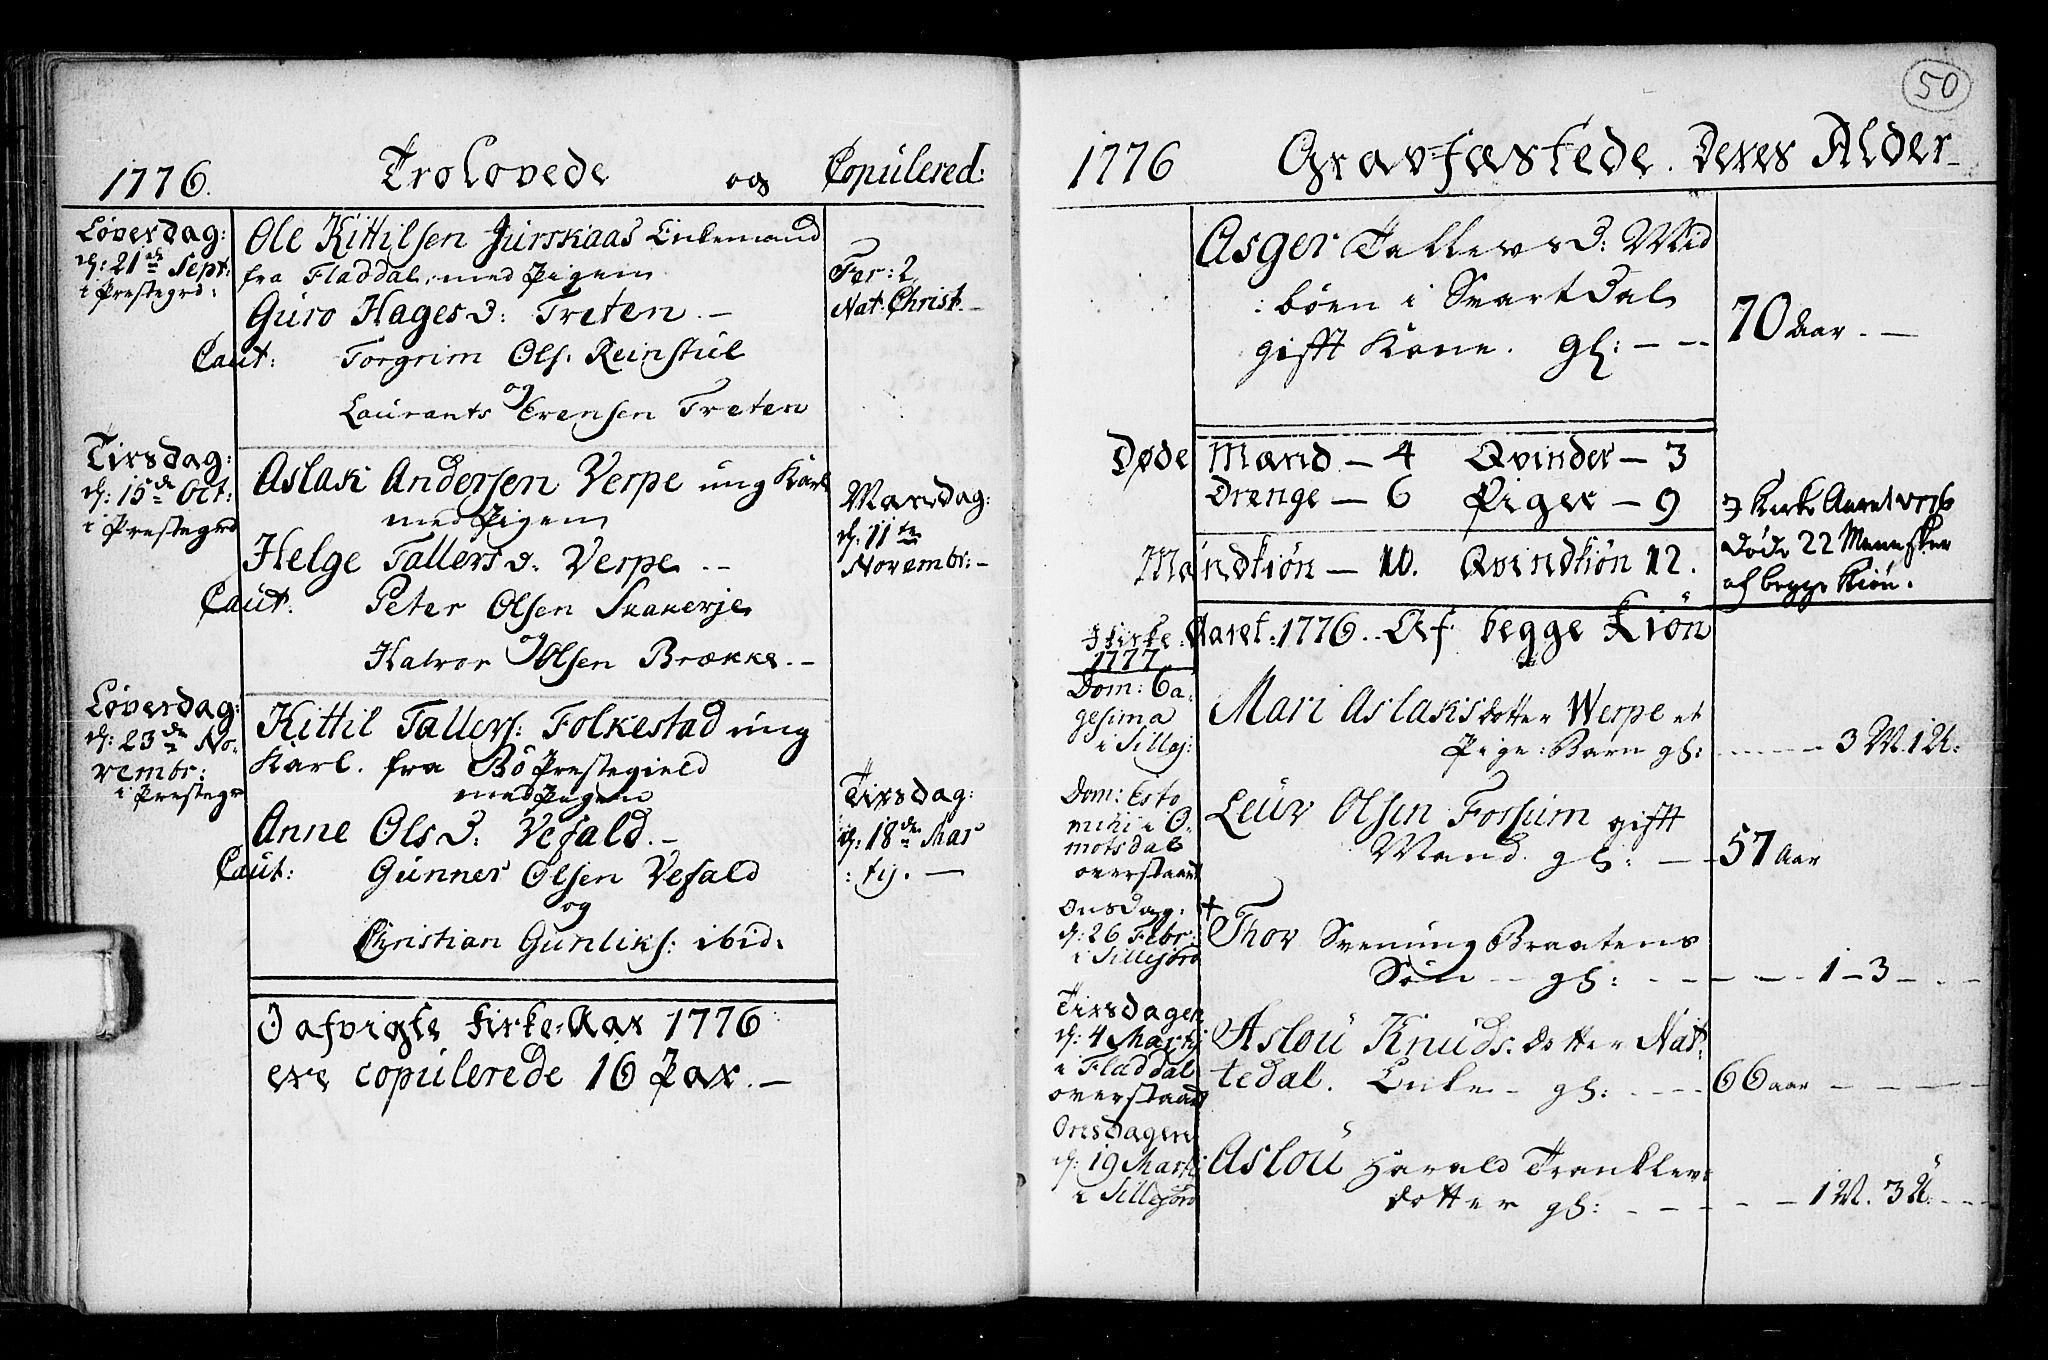 SAKO, Seljord kirkebøker, F/Fa/L0008: Ministerialbok nr. I 8, 1755-1814, s. 50